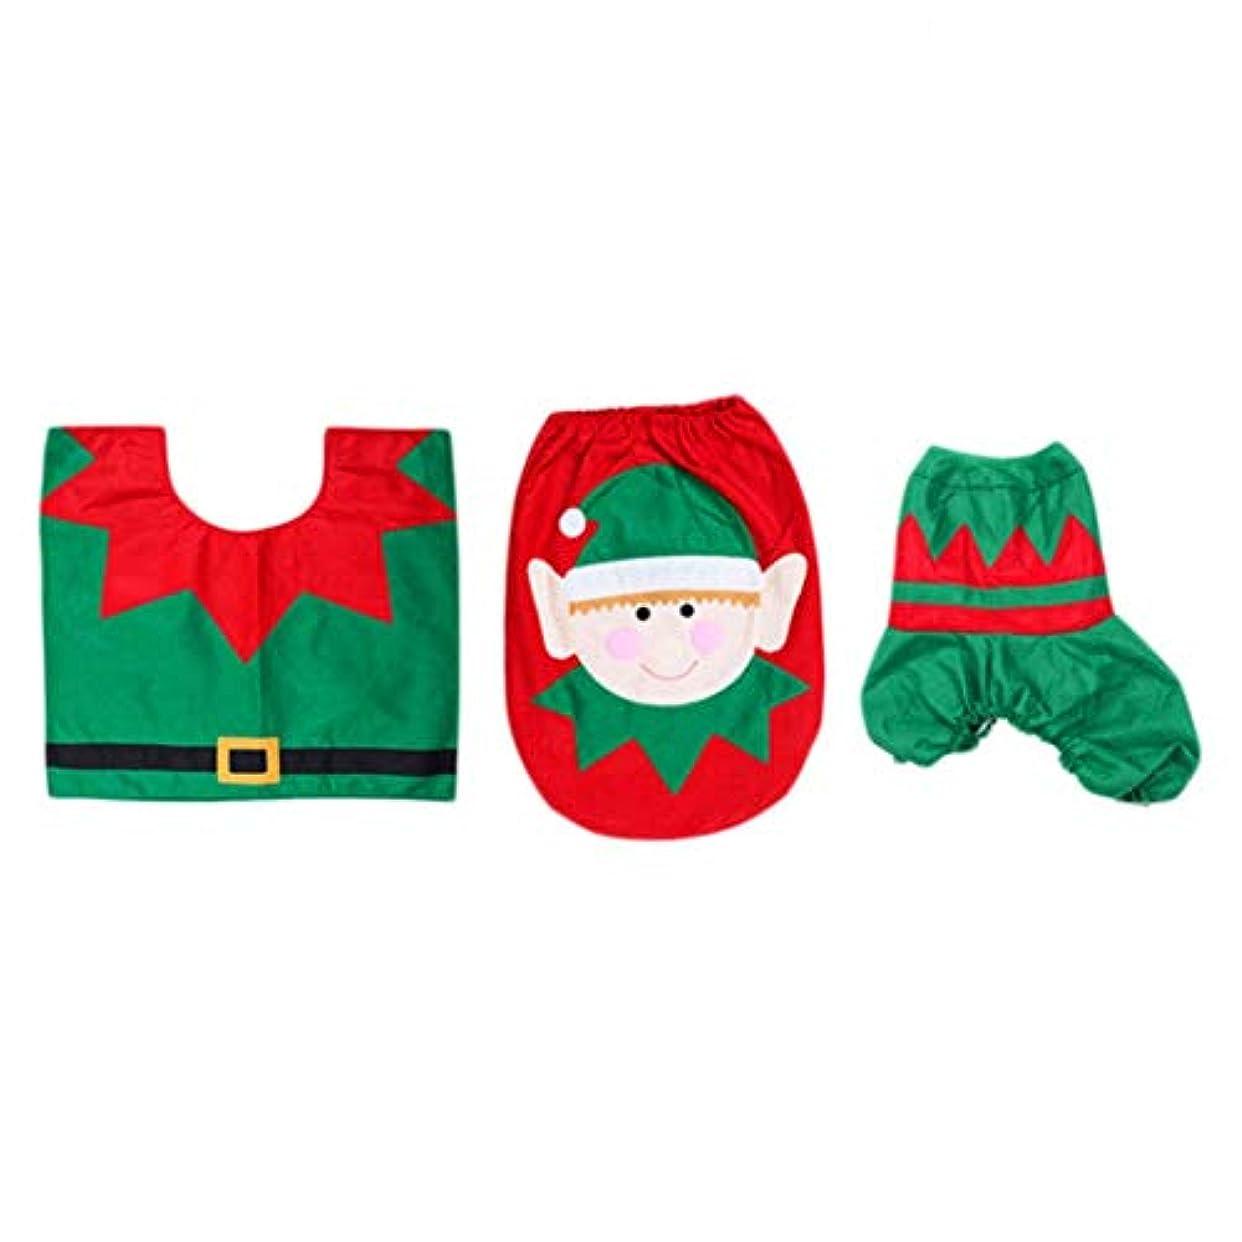 複雑な記憶スチュワードSwiftgood 浴室のための3部分のクリスマスの装飾のスノーマン様式の便座カバー